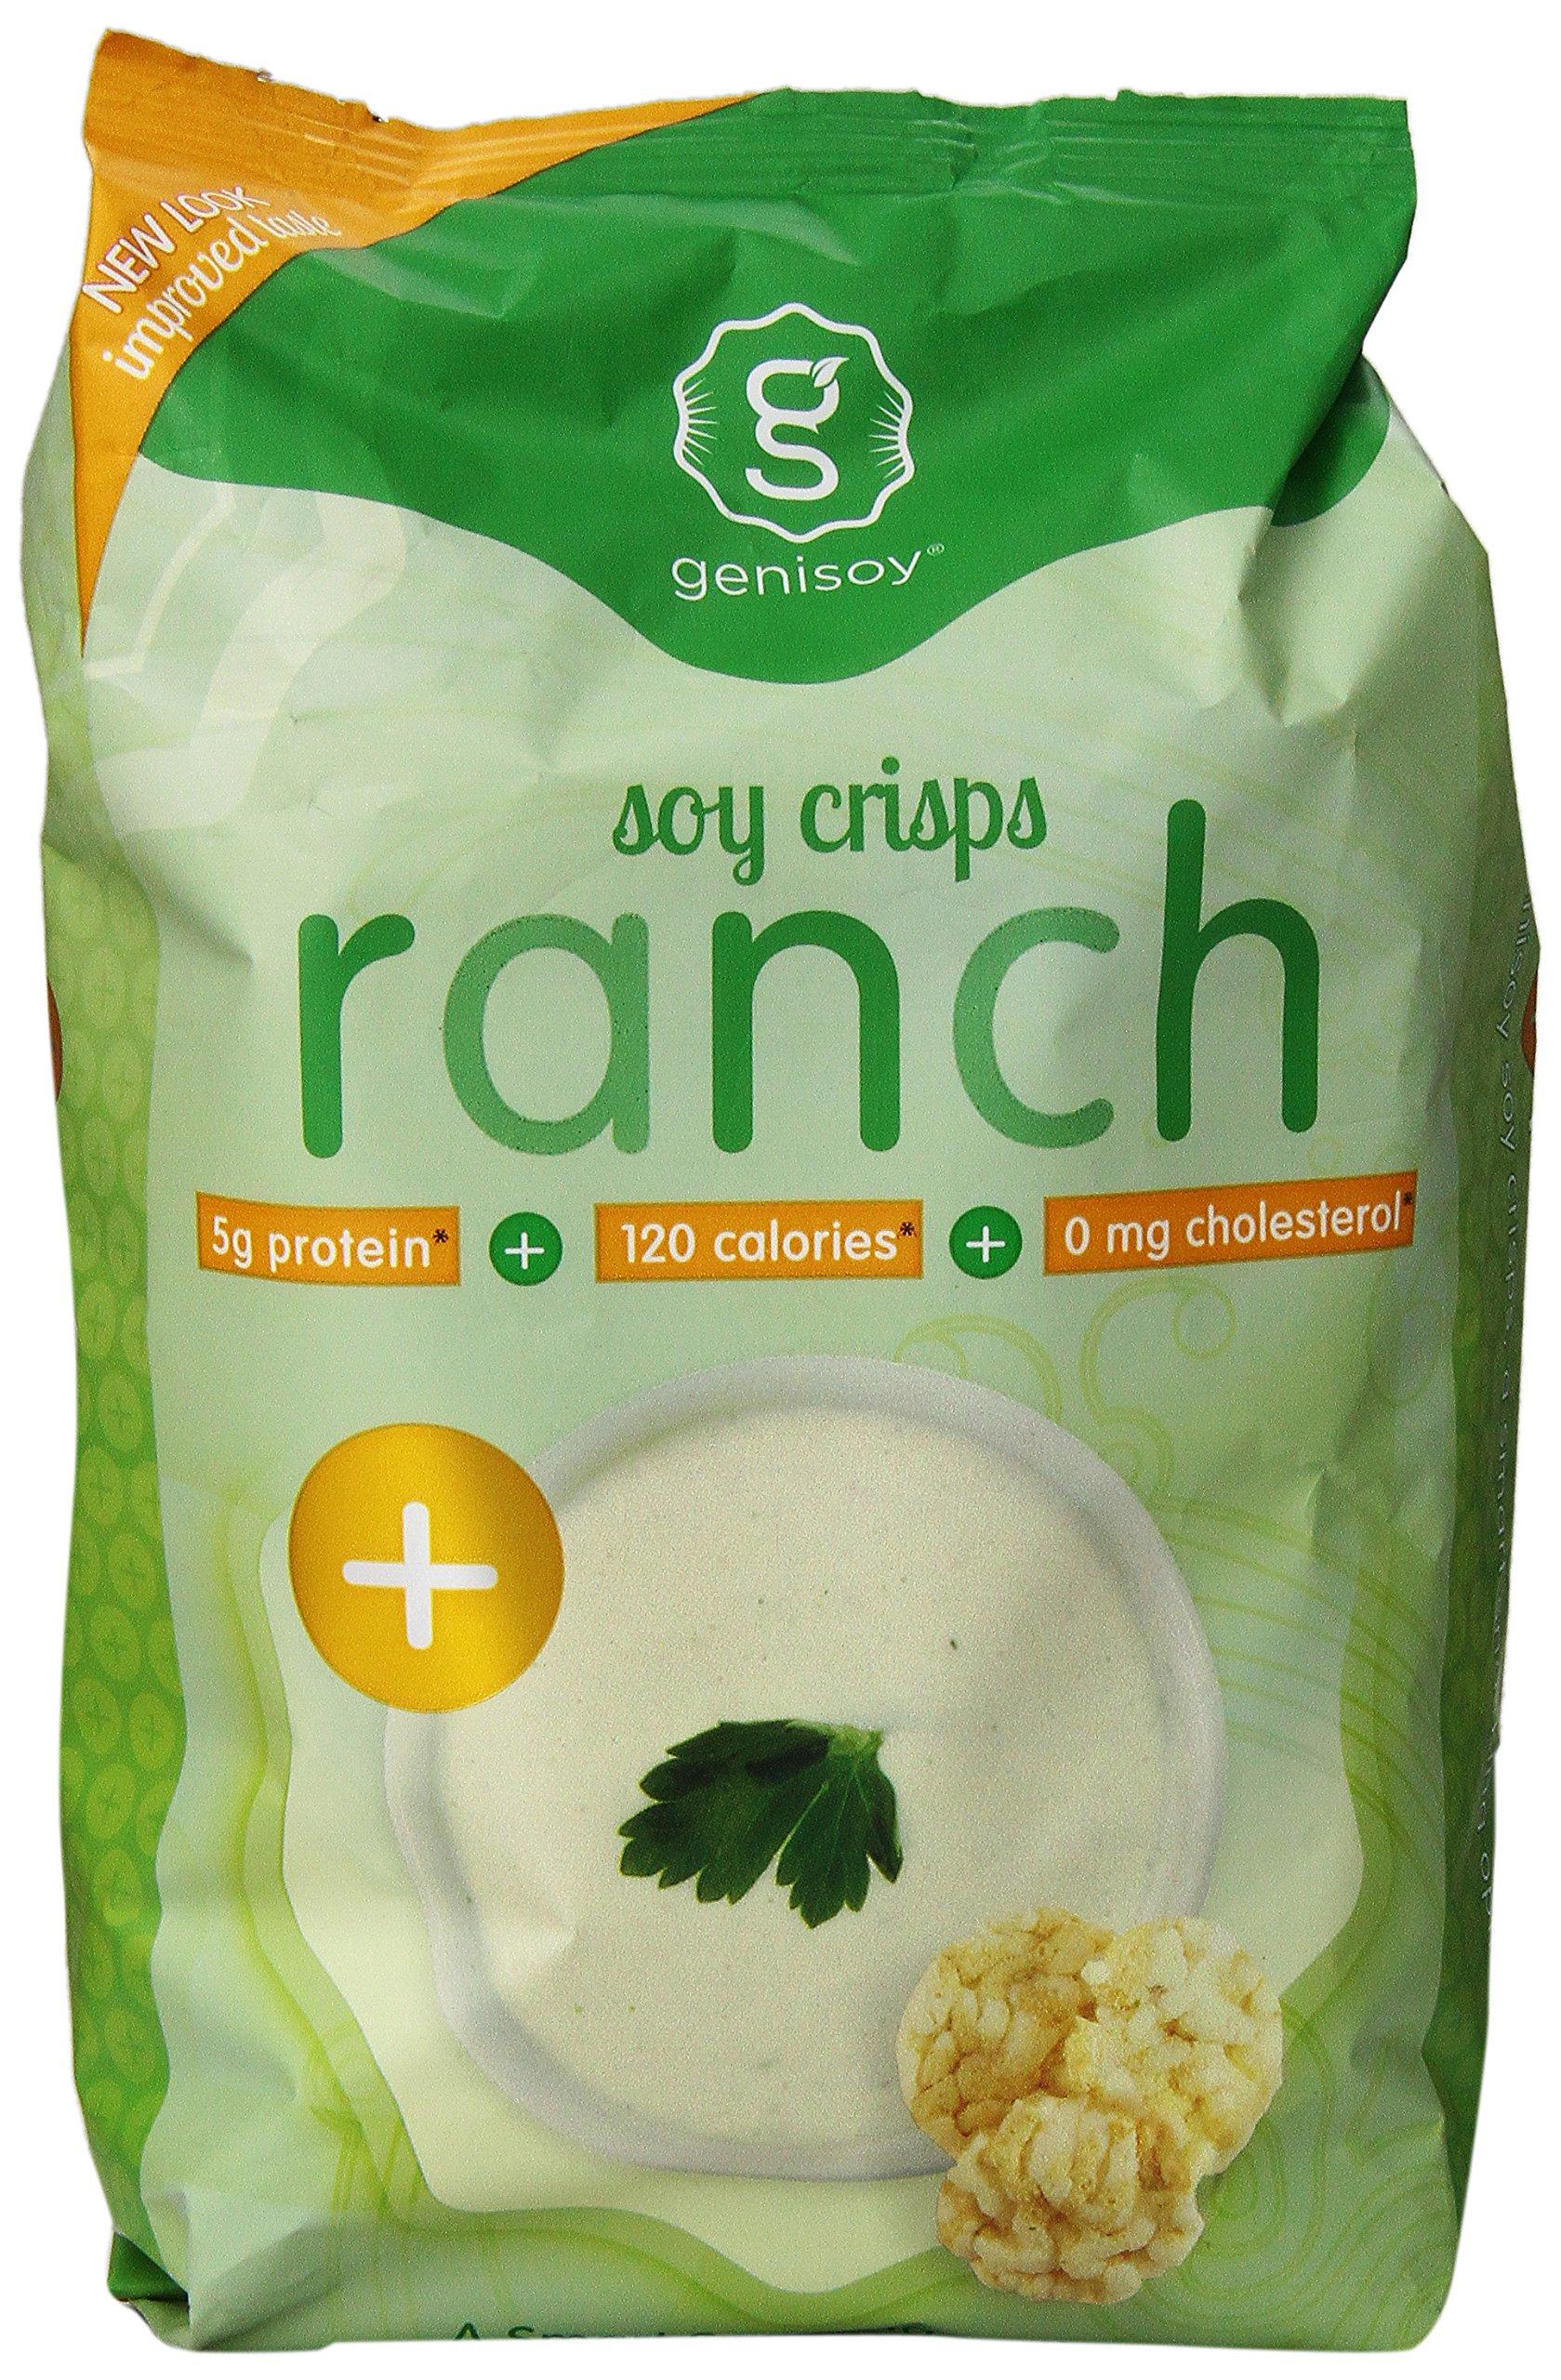 Genisoy, Creamy Ranch Soy Crisps, 3.85 oz